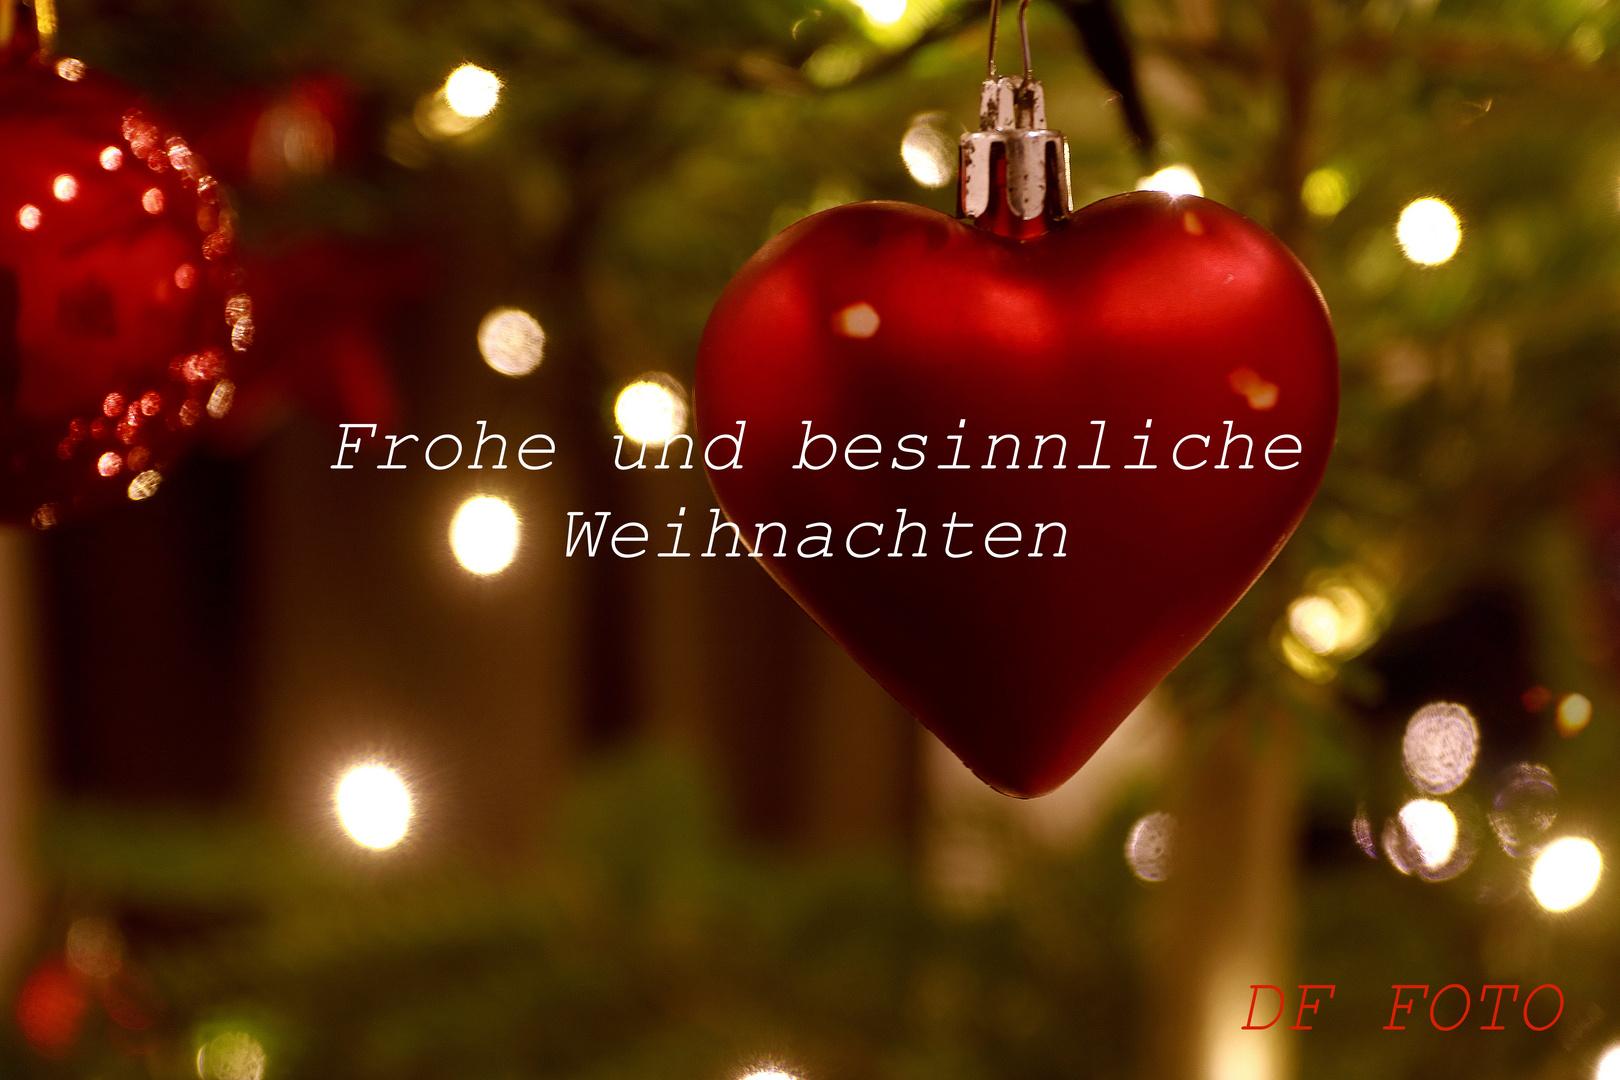 Besinnliche Weihnachtsbilder.Frohe Weihnachten 2016 Foto Bild Motive Fünfte Jahreszeit